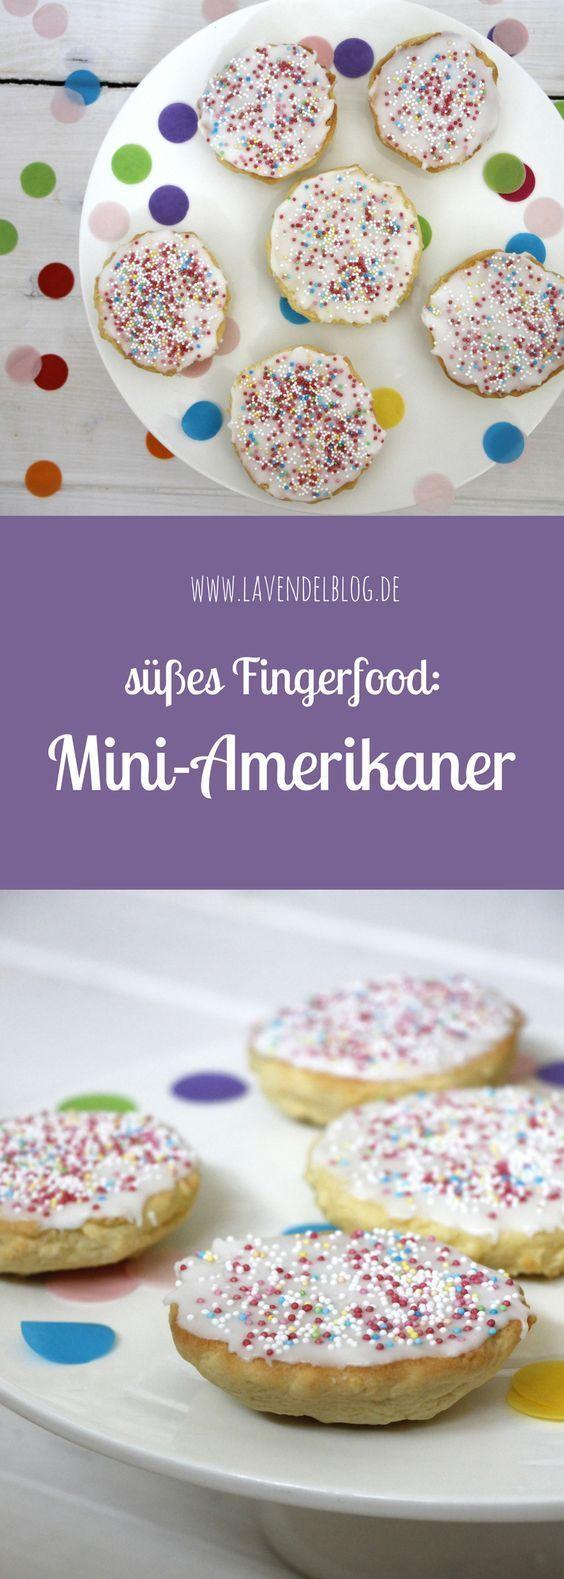 Mini-Amerikaner sind perfekt für ein Fingerfood-Buffet und als Rezept zum Kinderburtstag bestens geeignet. Das Amerikaner Rezept lässt sich durch unterschiedliche Deko gut abwandeln.